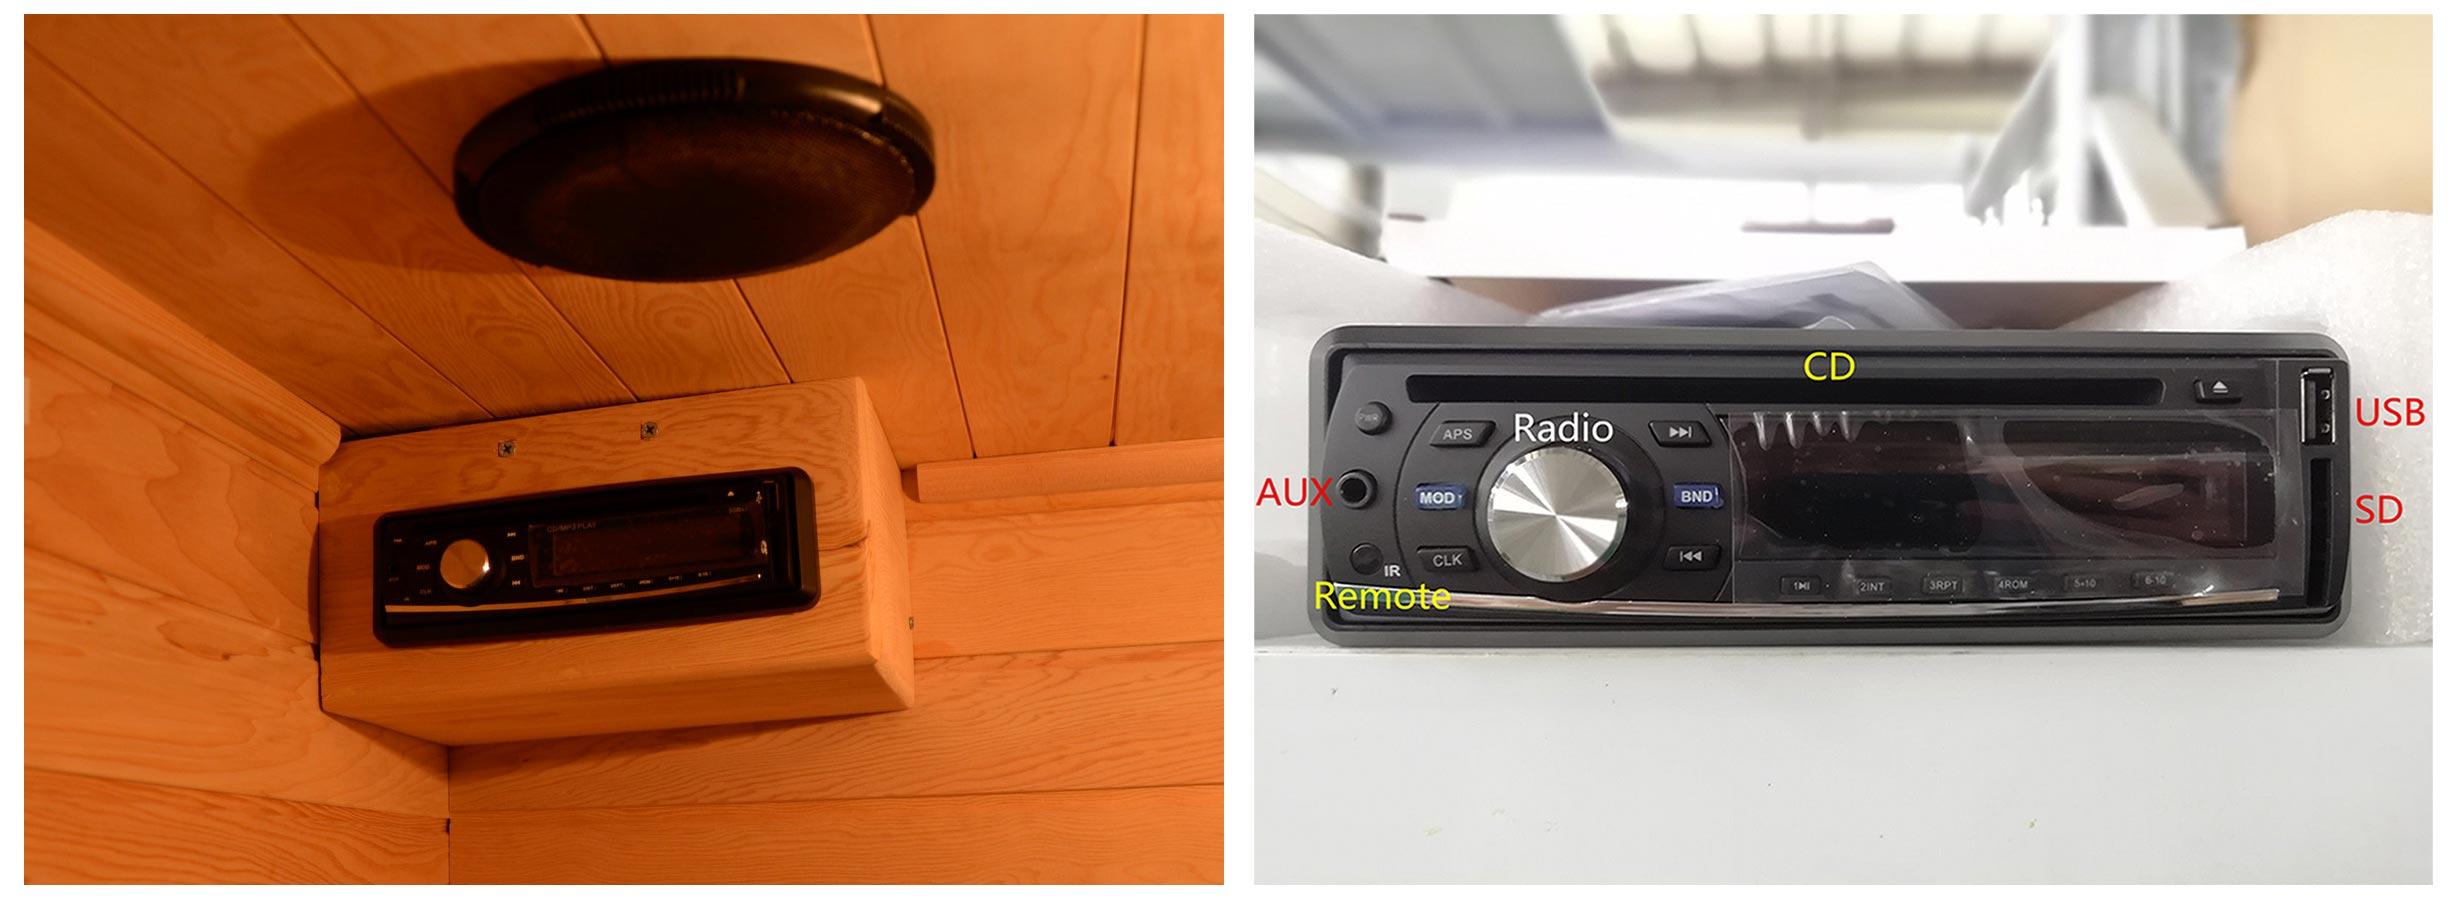 bionwell-3-szemelyes-sarok-infraszauna-beepitett-radio-CD-USB-AUX-SD